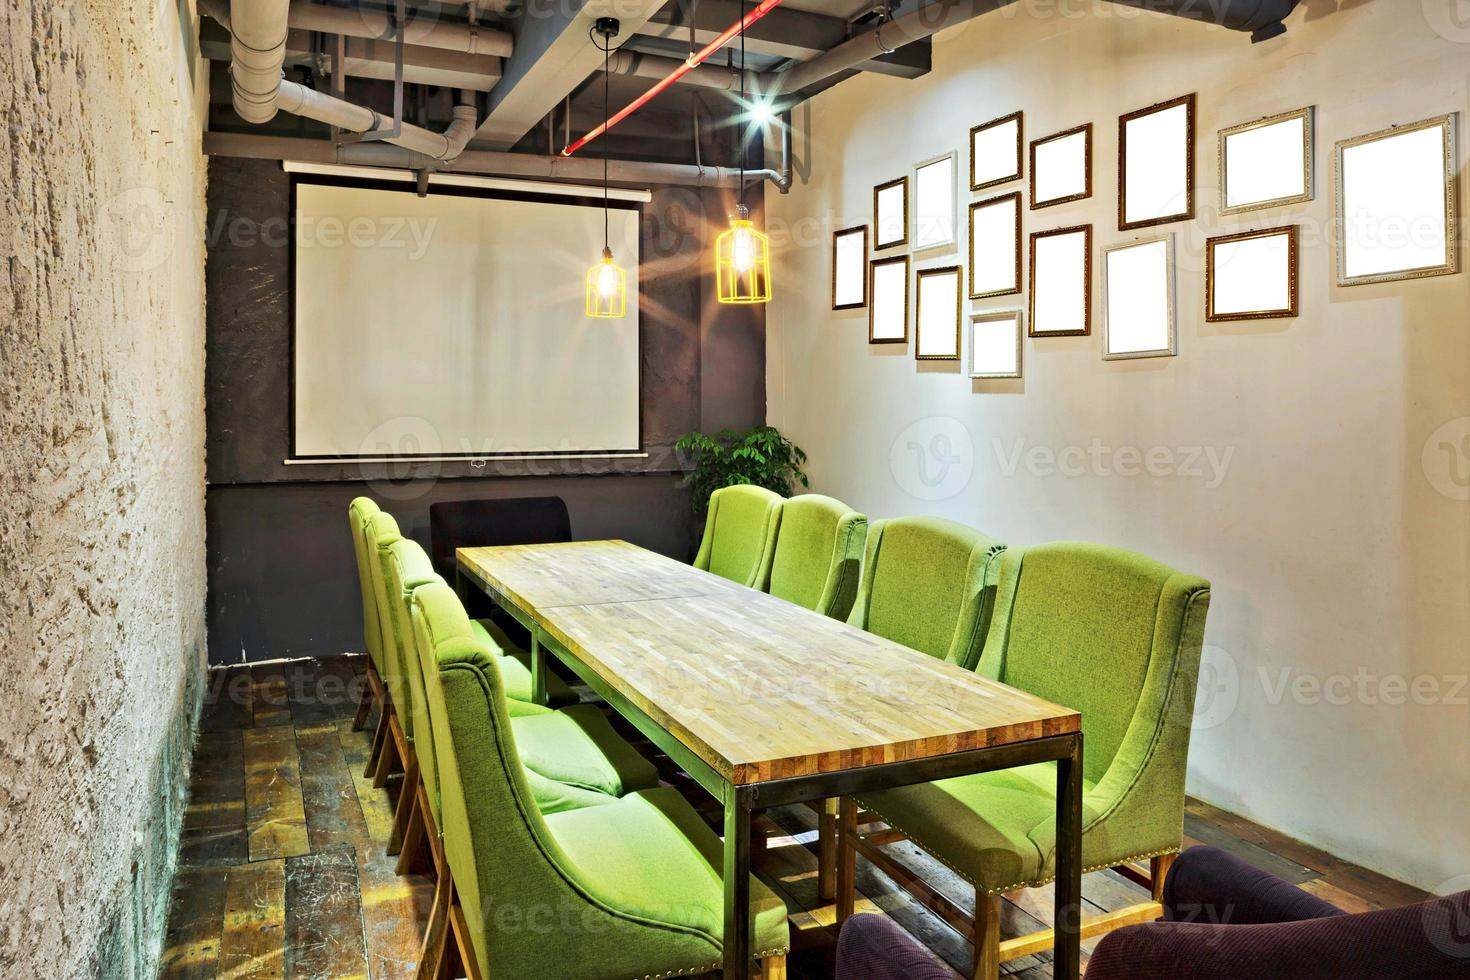 salle de réunion vide et table de conférence photo